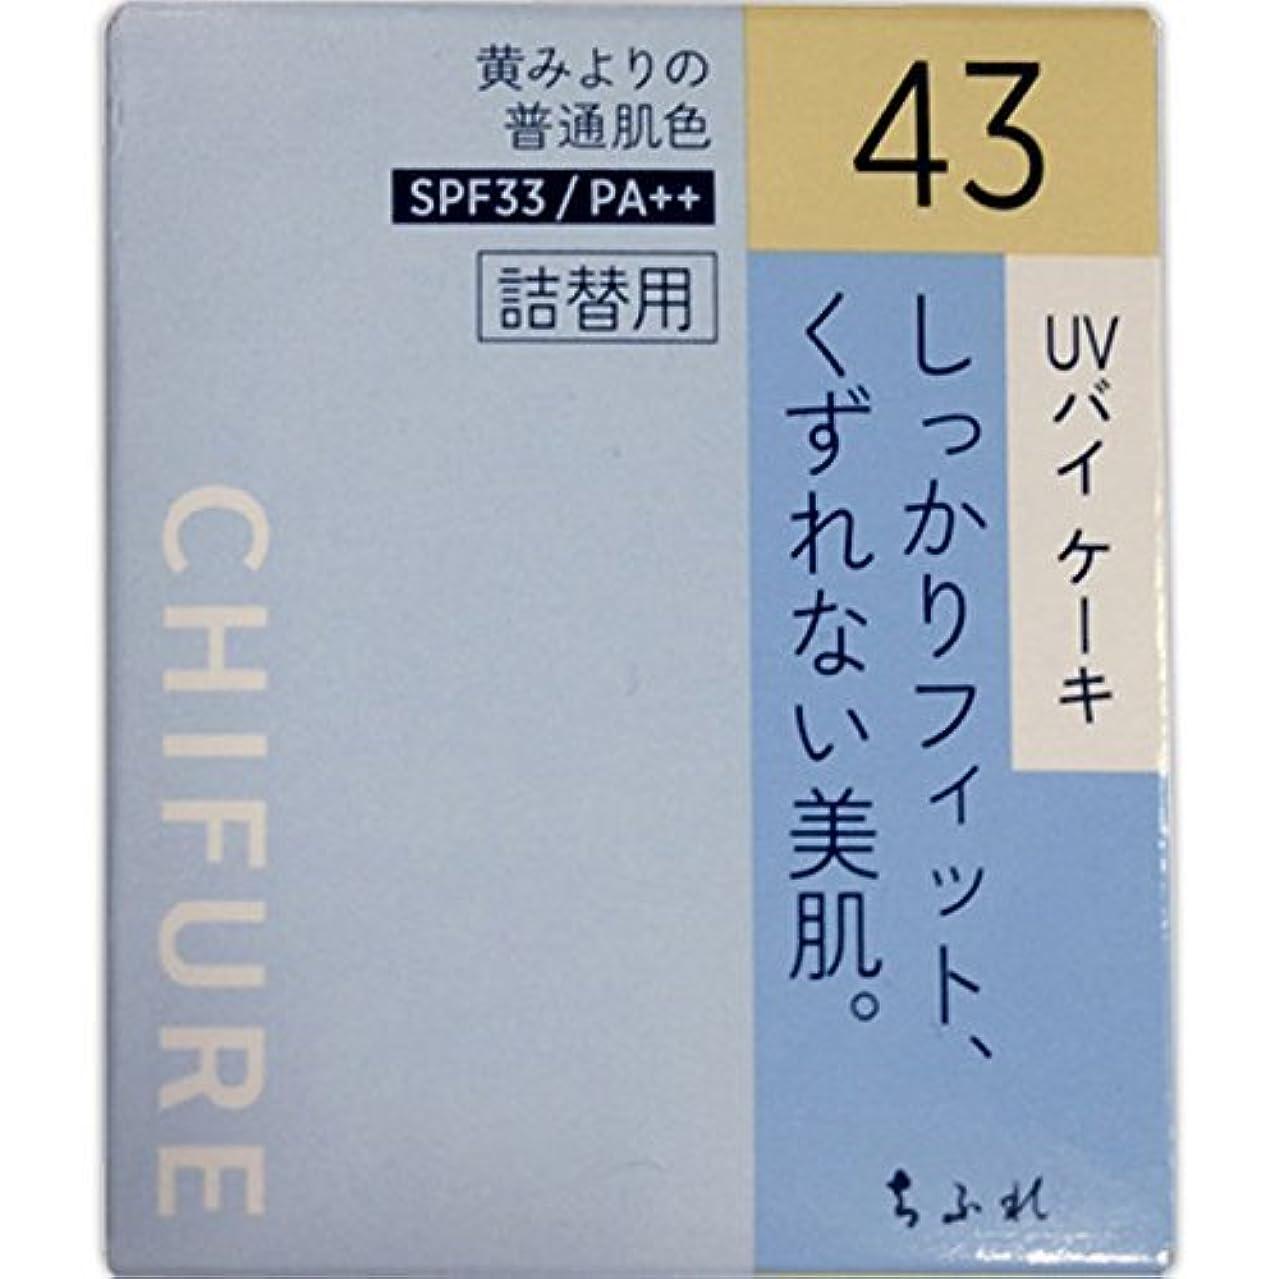 証明する無秩序よろしくちふれ化粧品 UV バイ ケーキ 詰替用 43 黄みよりの普通肌色 43